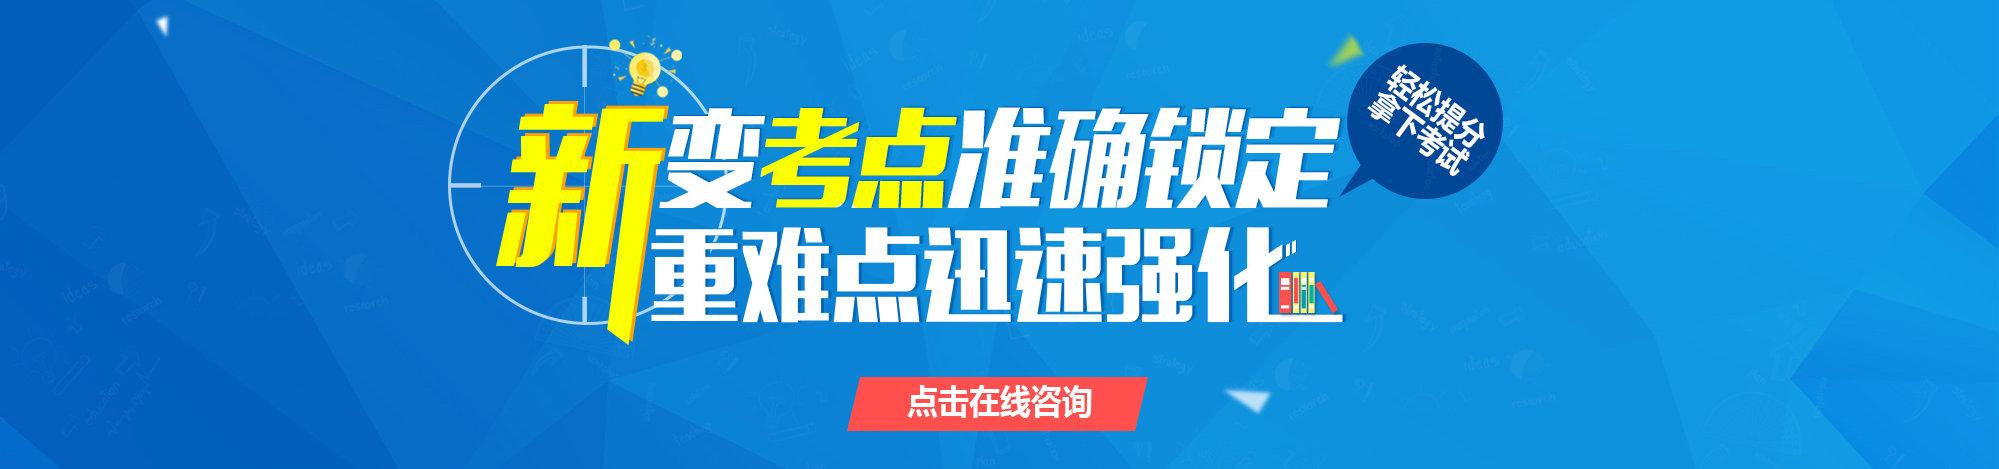 浙江湖州优路教育培训学校